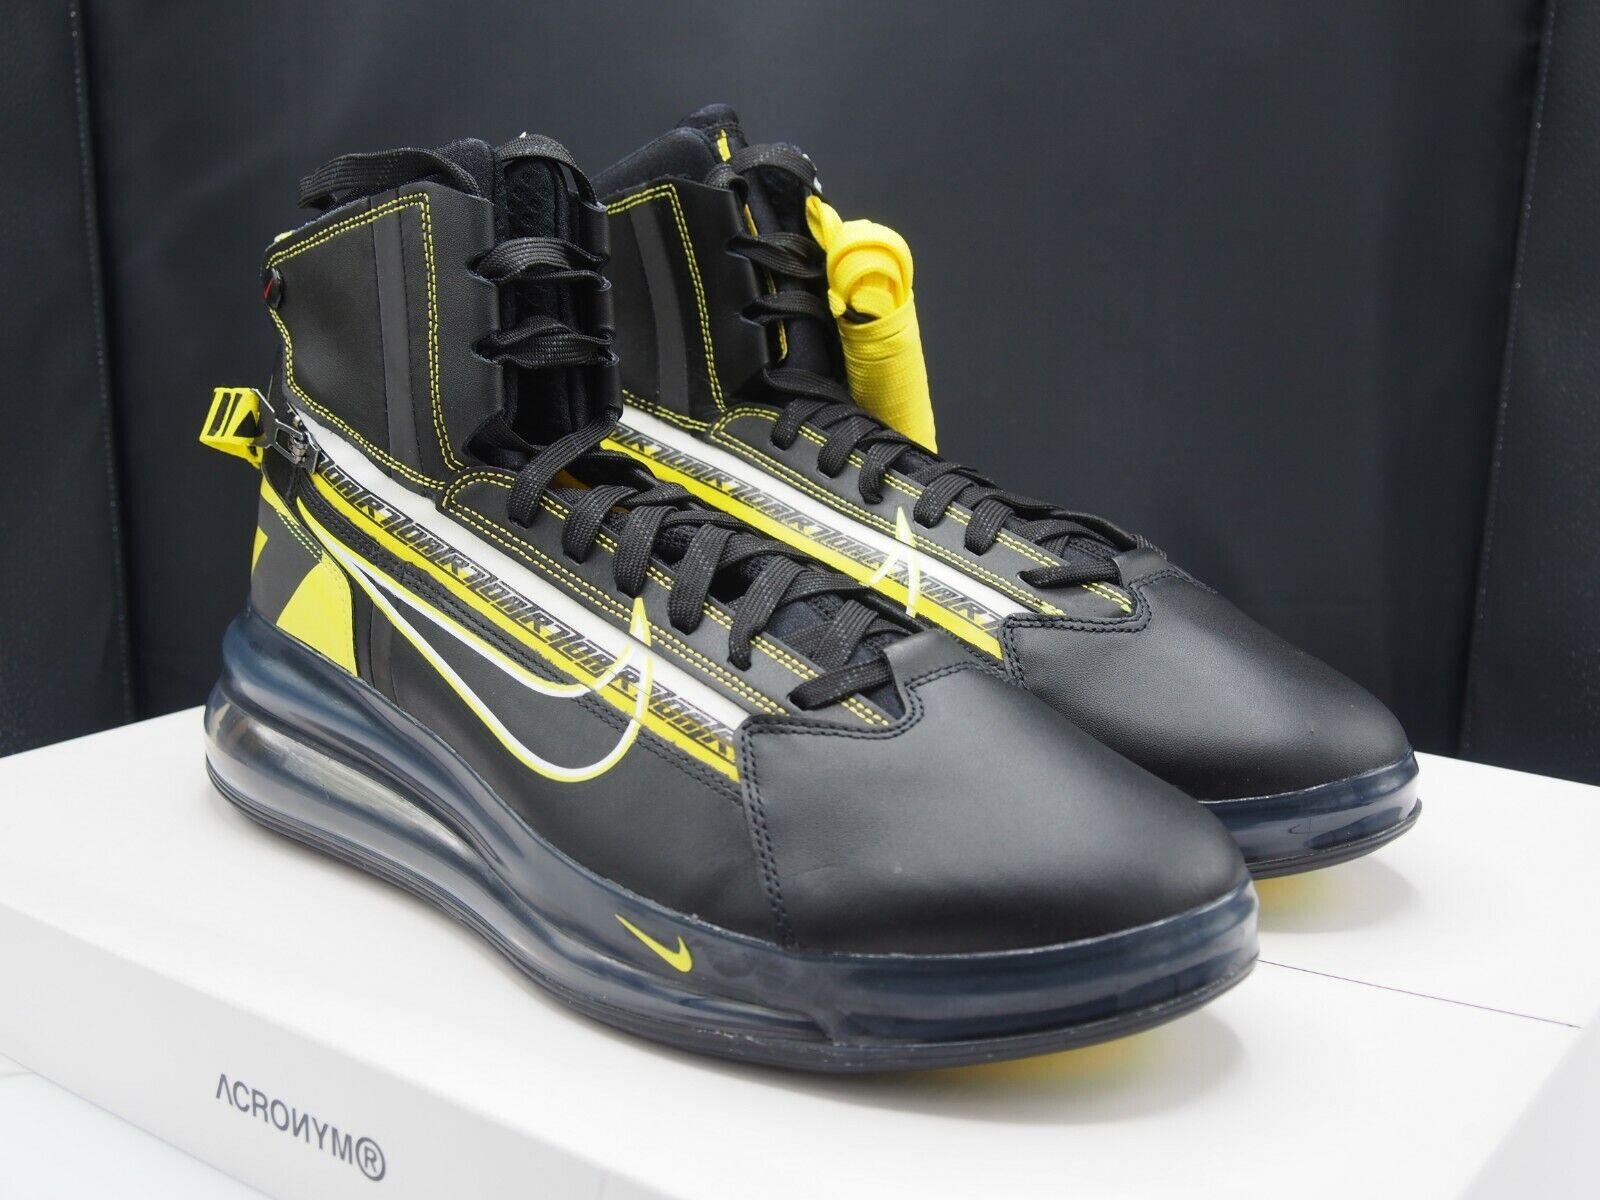 Nike Air Max 720 Saturn  All Star QS Motorsport BV786 -001 Men Dimensione 12 US  prendiamo i clienti come nostro dio